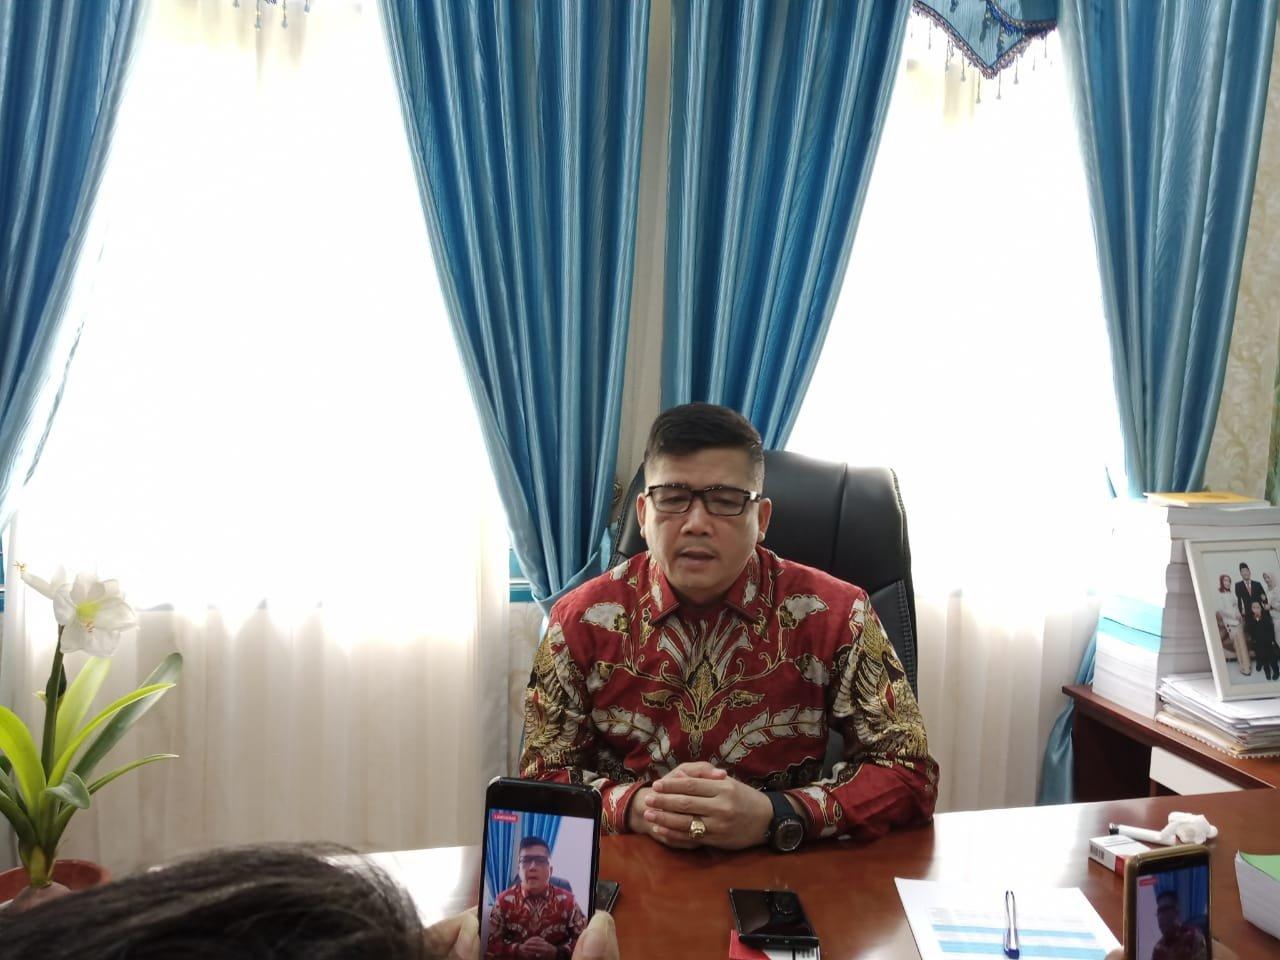 Ketua DPRD: Kaji Ulang Hukuman Mati untuk Kurir Ganja